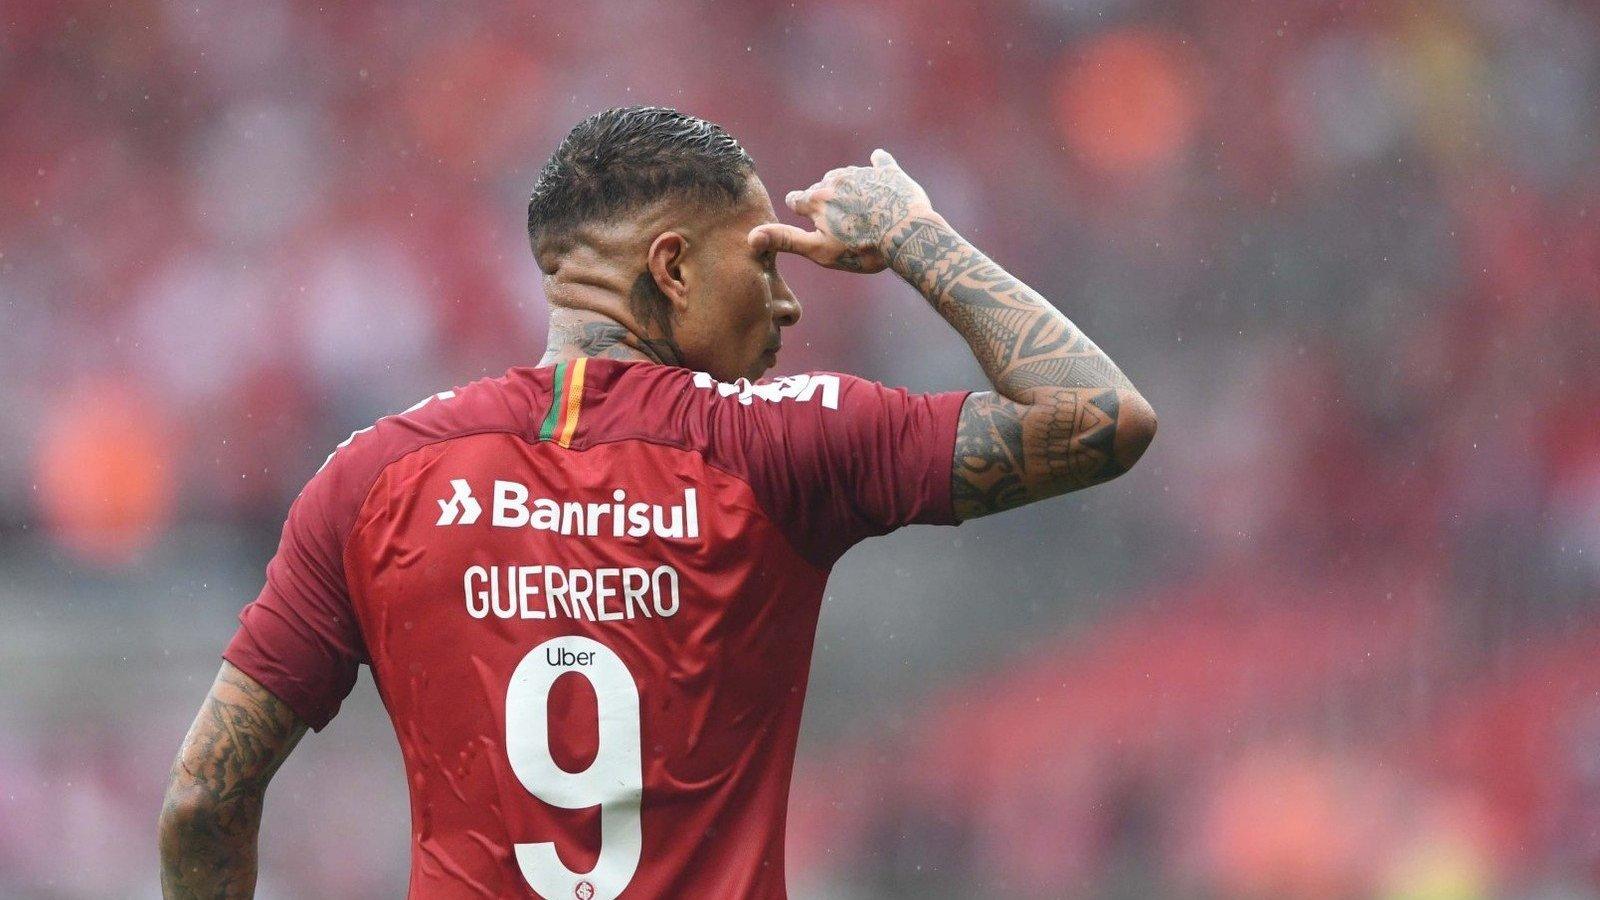 Foto de Paolo Guerrero em jogo pelo Sport Club Internacional.